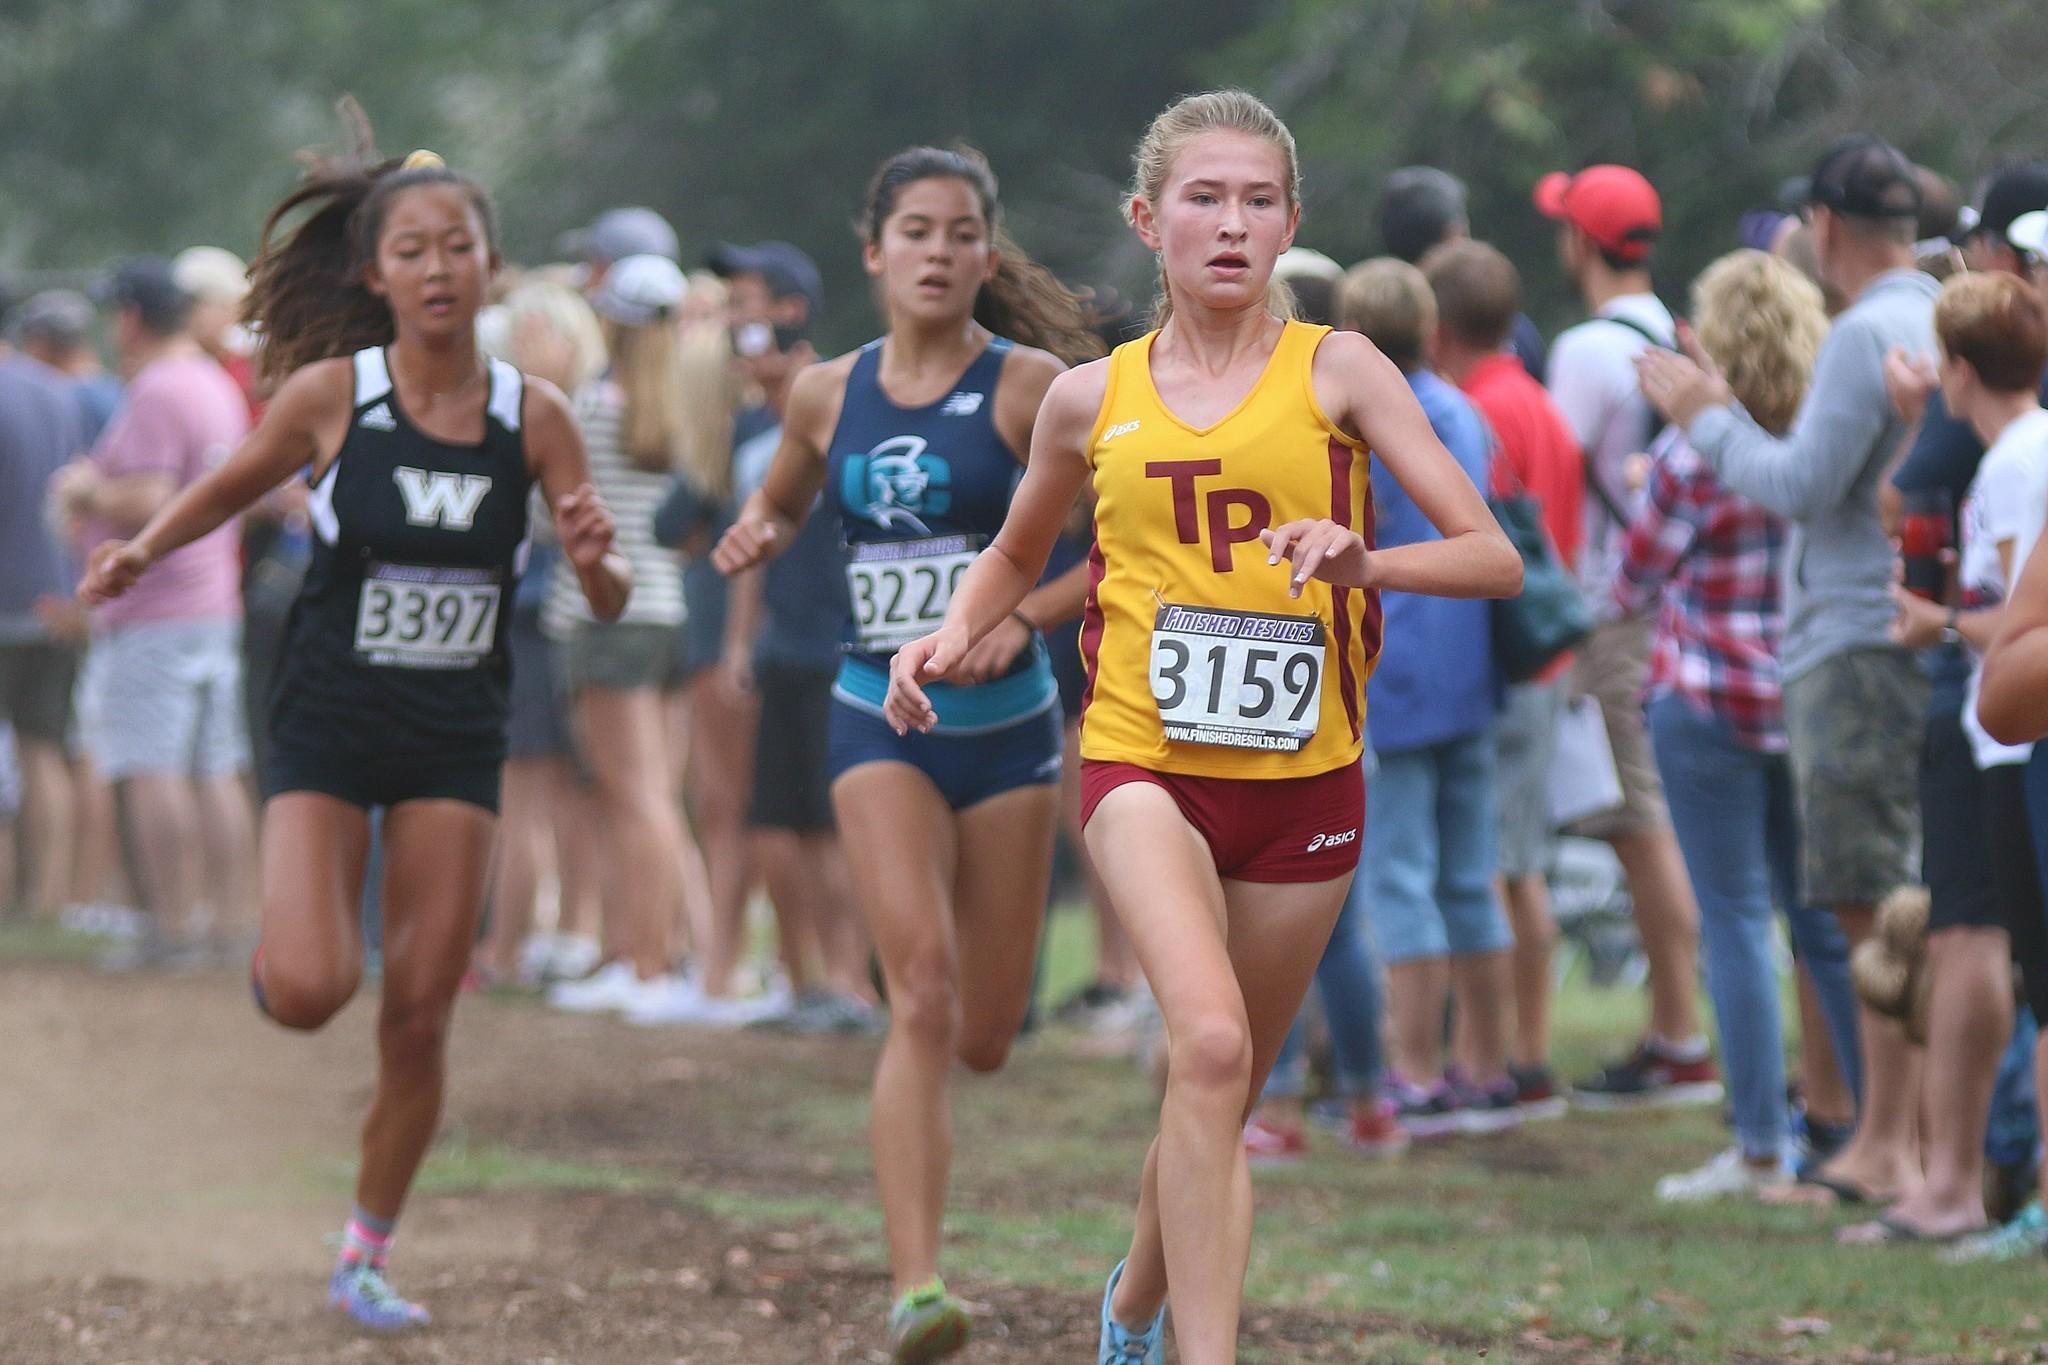 TPHS runner